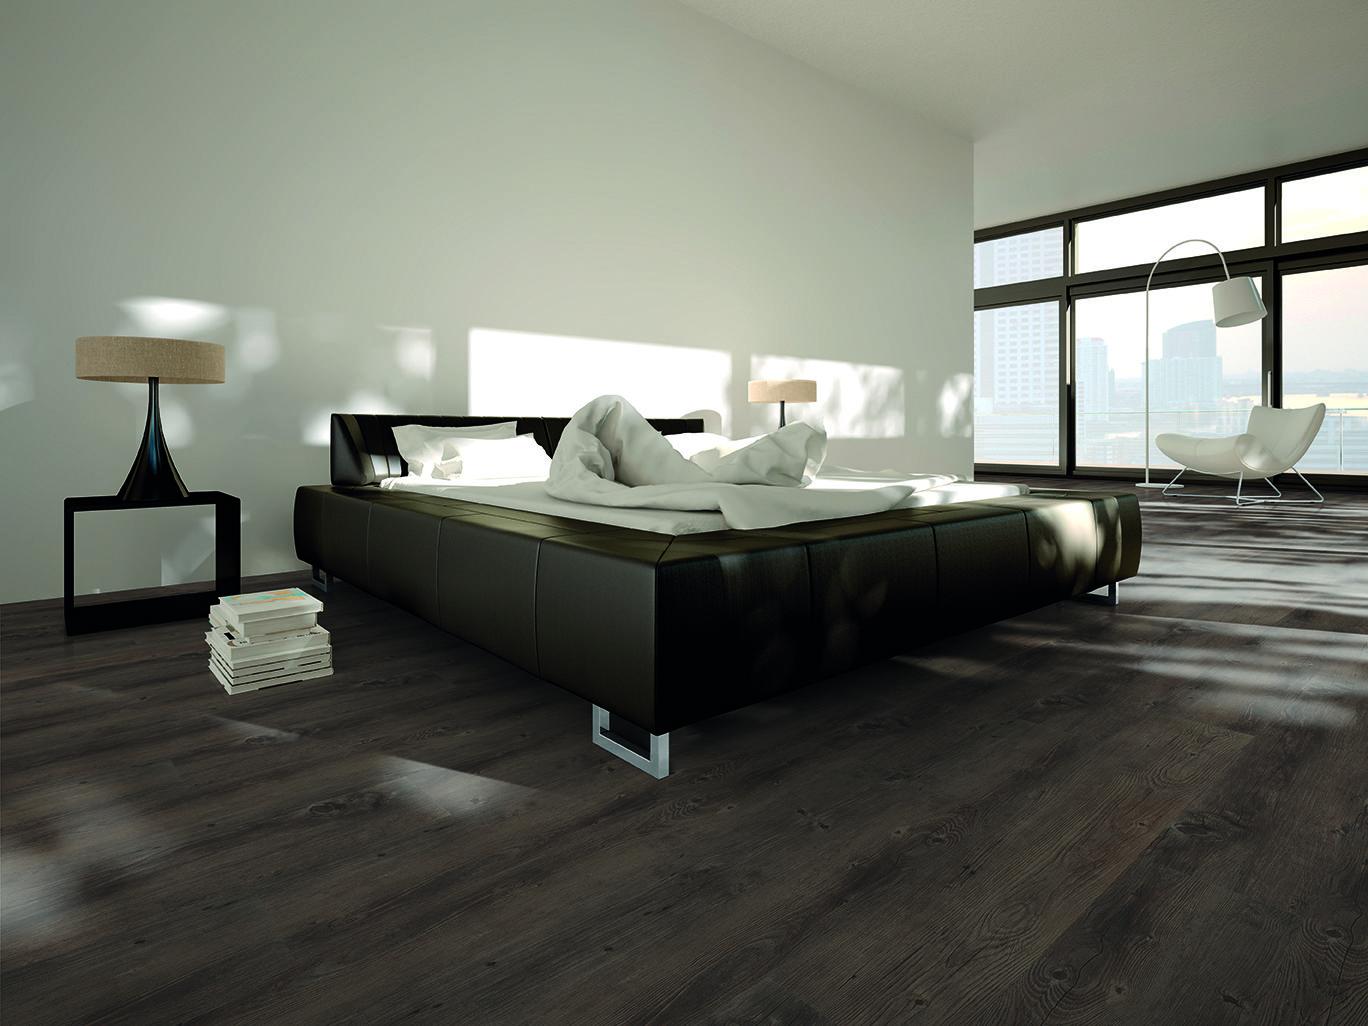 Fußboden Vinyl Holzoptik ~ Klick vinyl dielen kv rocky pine in edler dunkler holzoptik sind